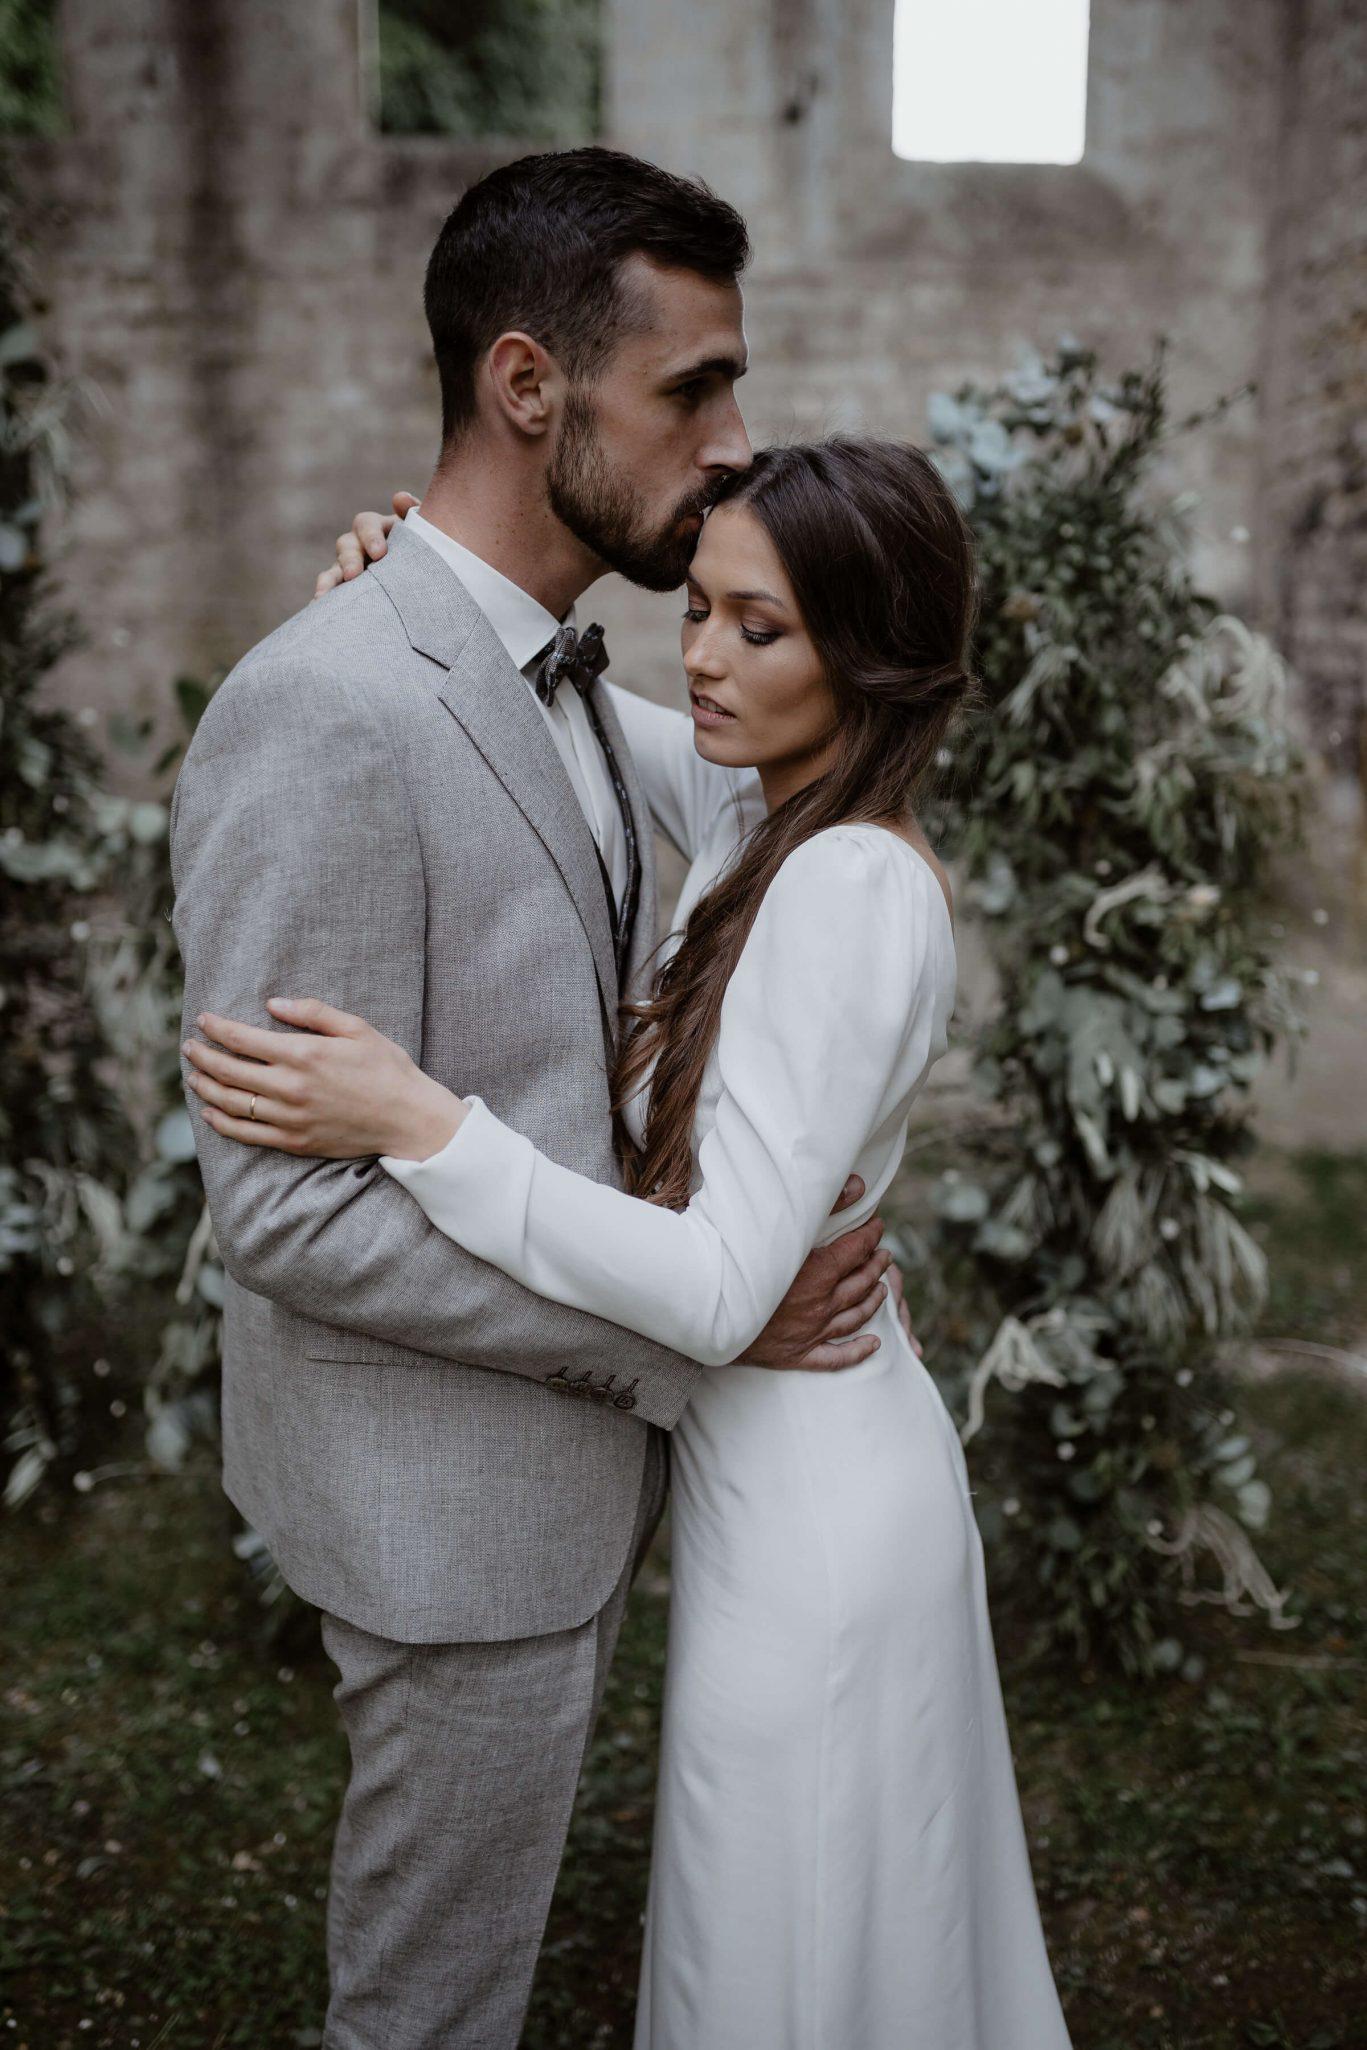 ceremonie_laique_mariage_moderne_nature